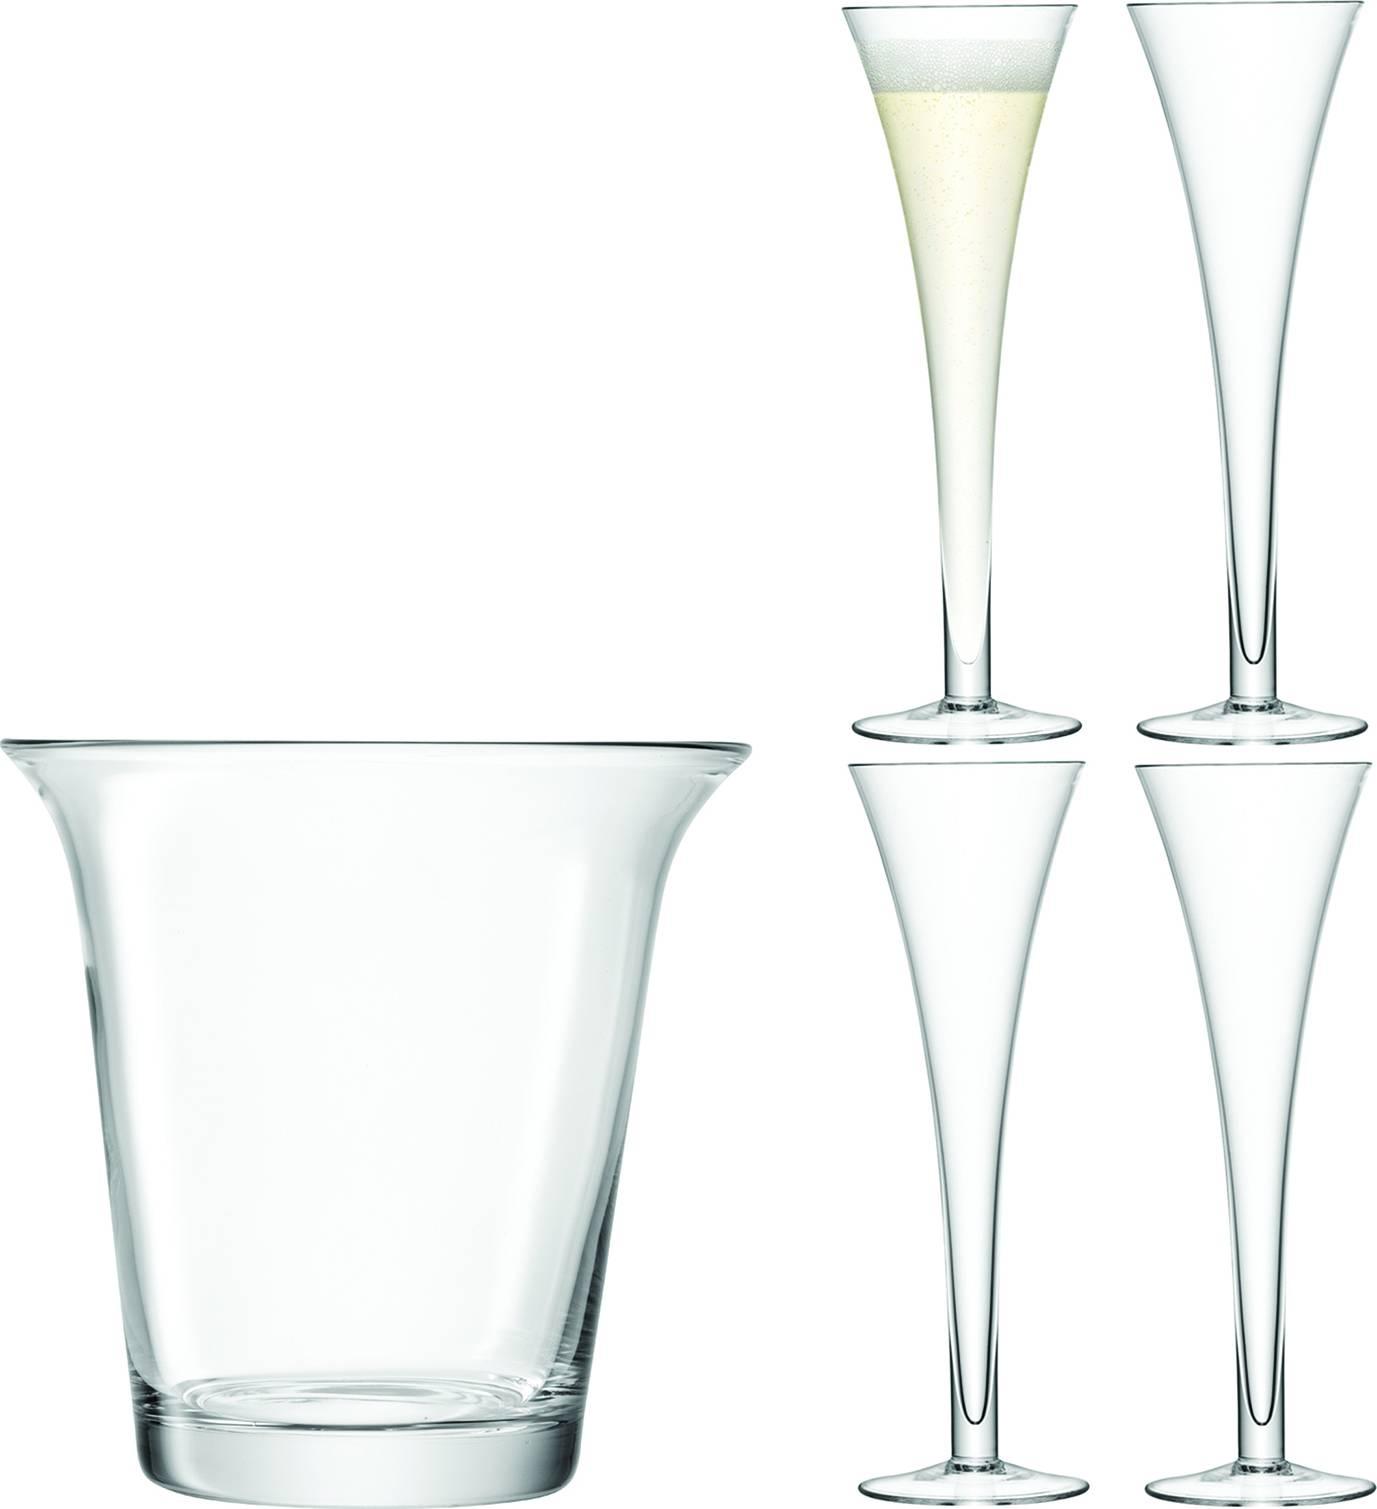 LSA dárkový set Champagne, 4ks sklenic +chladicí kbelík, čirý, Handmade G1033-00-301 LSA International